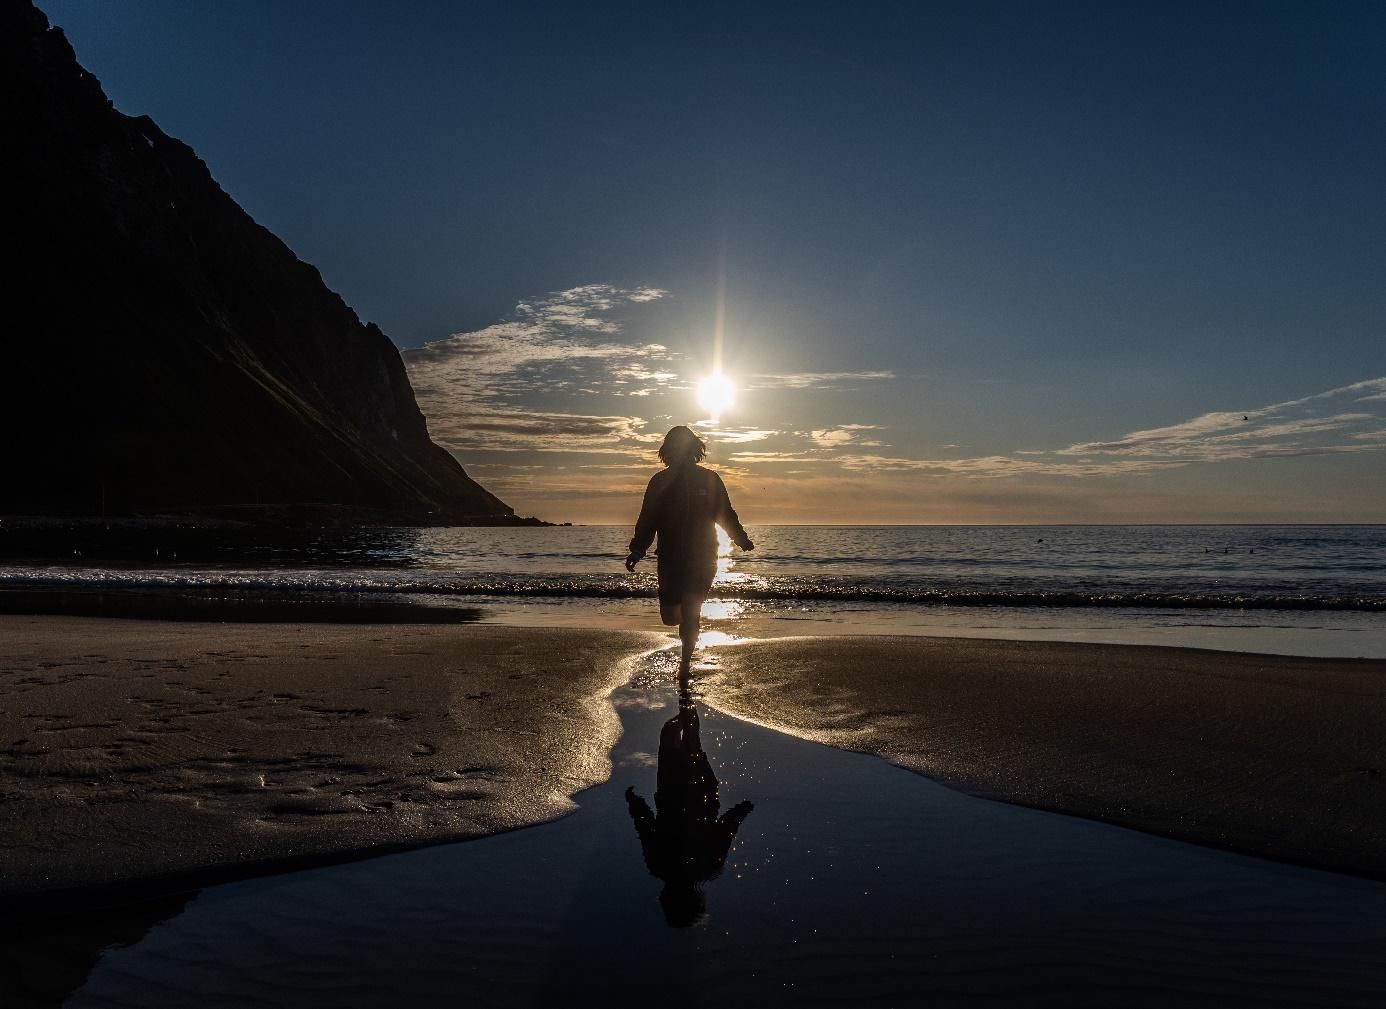 Et bilde som inneholder utendørs, vann, strand, person  Automatisk generert beskrivelse